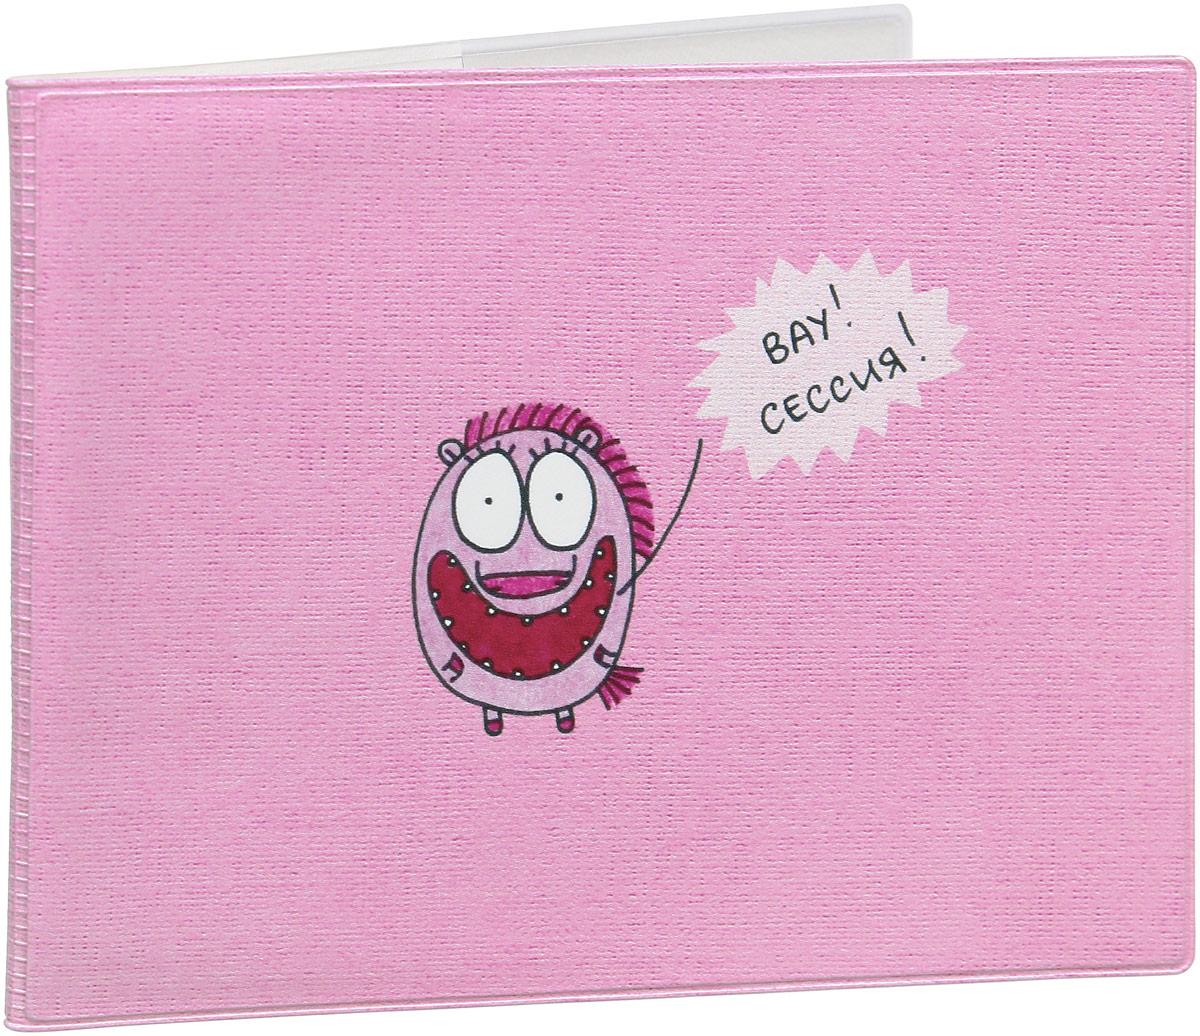 Обложка для зачетной книжки Kawaii Factory Вау сессия, цвет: розовый. KW067-000066 обложка для зачетной книжки спб мосты и крепость оз2018 014